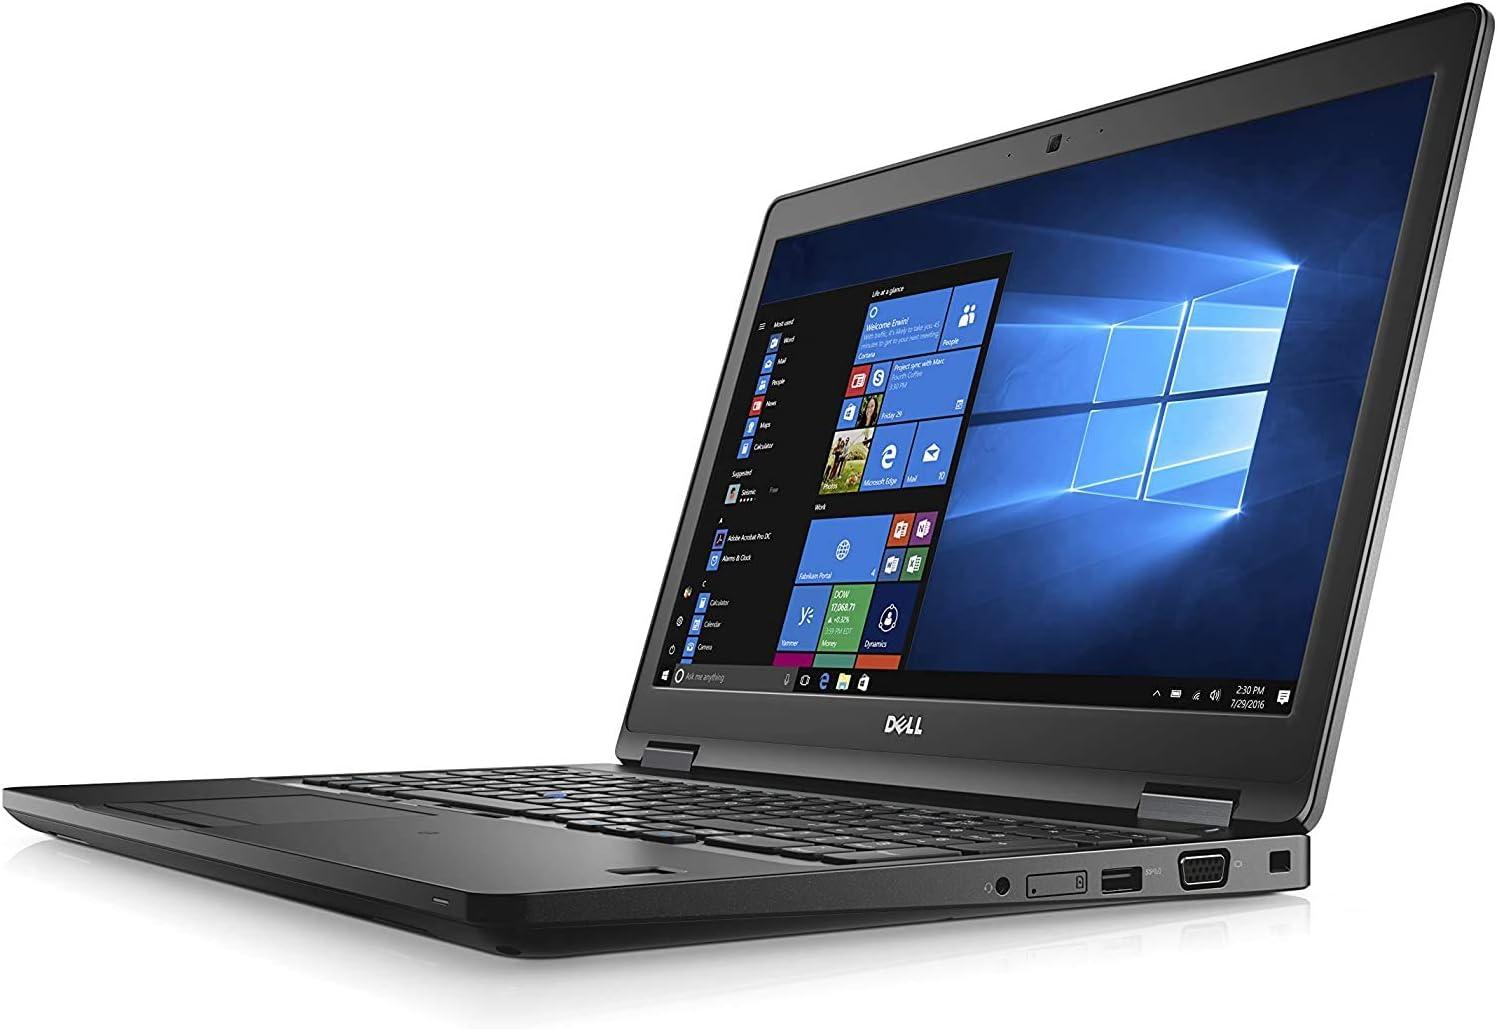 Dell Mobile Workstation Precision 7520 15.6